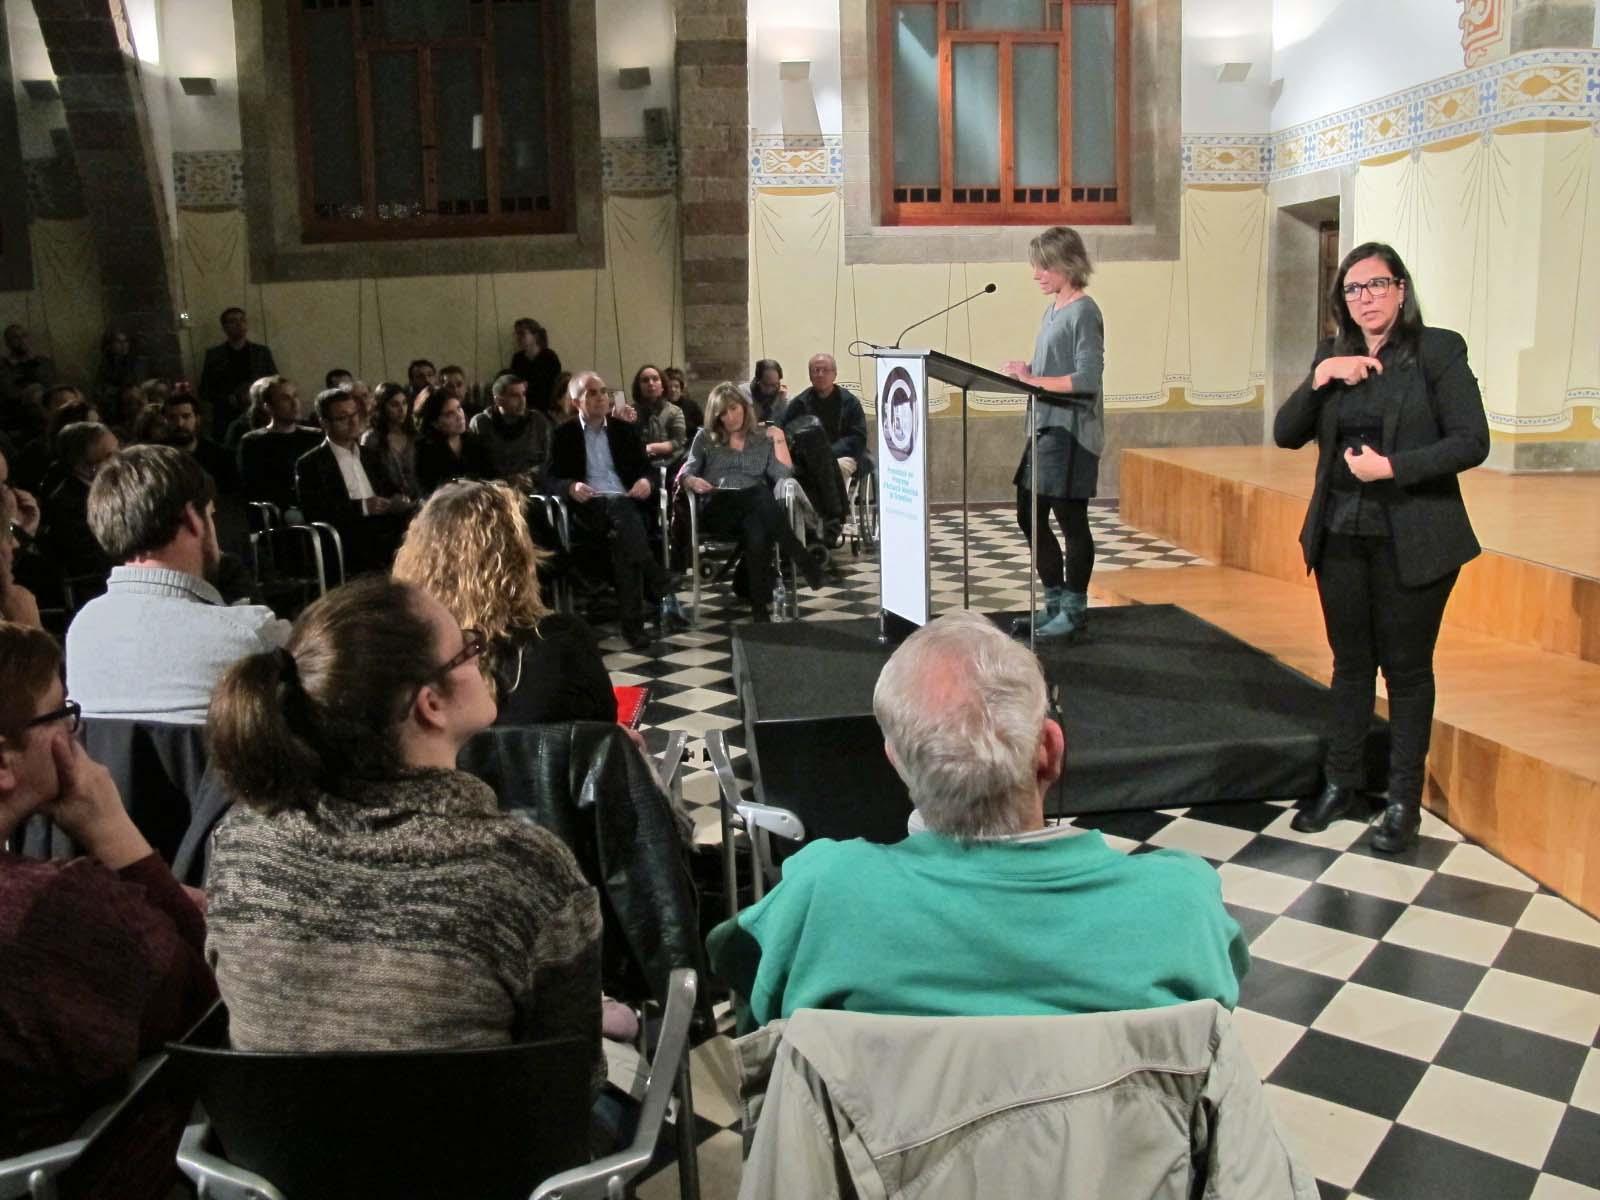 La primera tinent d'alcalde Alba Barnusell va explicar que el PAM té dues idees centrals: Granollers, una ciutat que no oblidi a ningú; i Granollers una ciutat que vol ser moderna, atractiva, innovadora, amb empenta, amb oportunitats per a tothom i oberta al món.